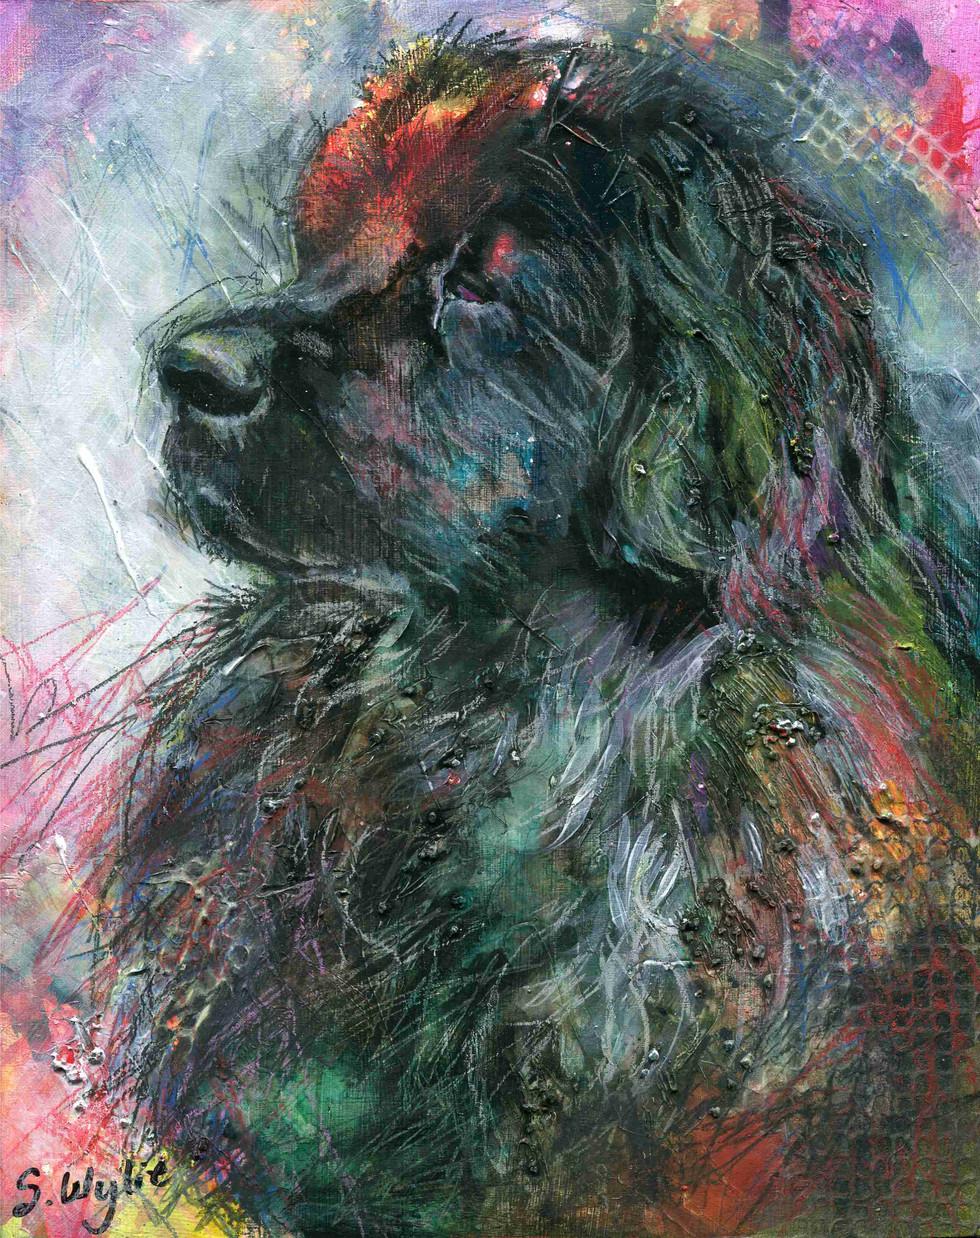 Newfoundland Dog Commission. 8x10